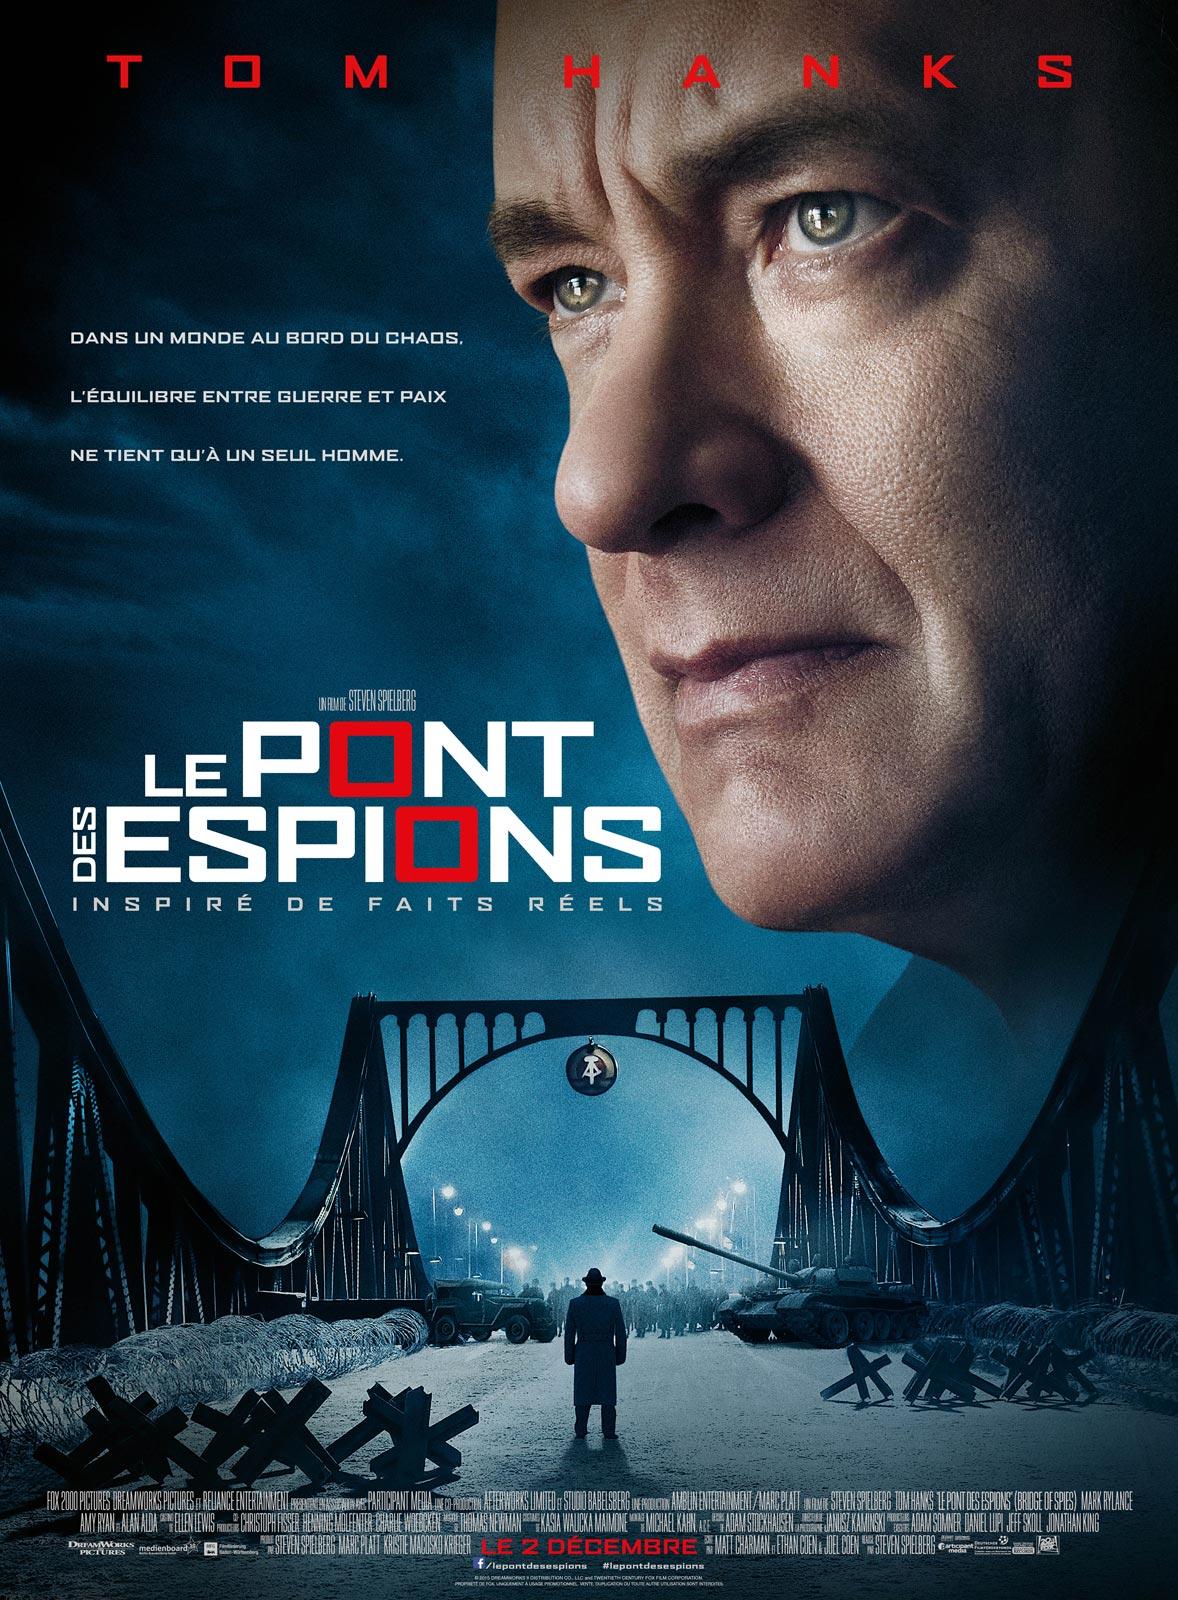 Le Pont des Espions ddl